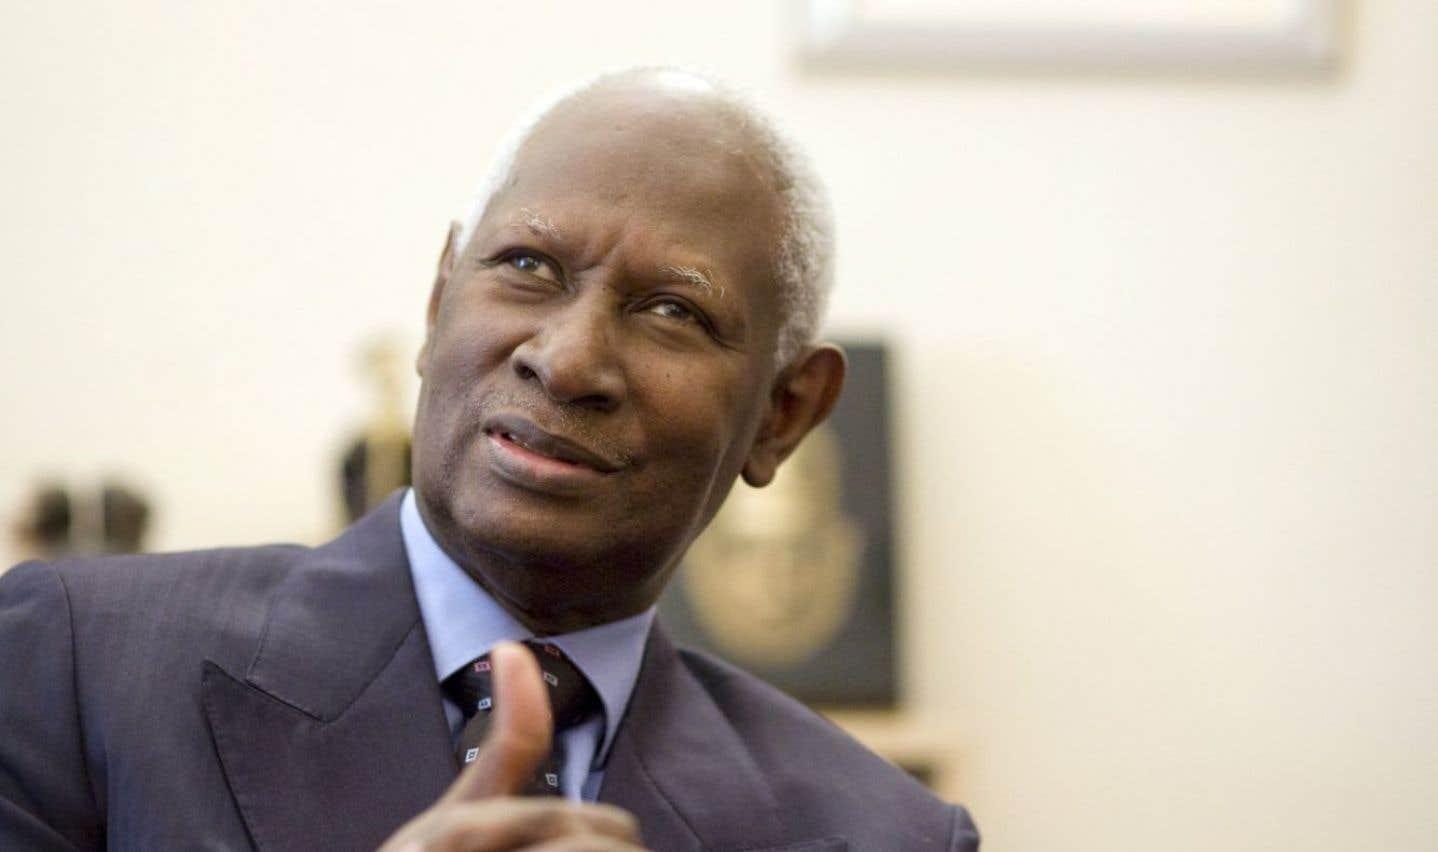 Le secrétaire général de l'Organisation internationale de la Francophonie, Abdou Diouf